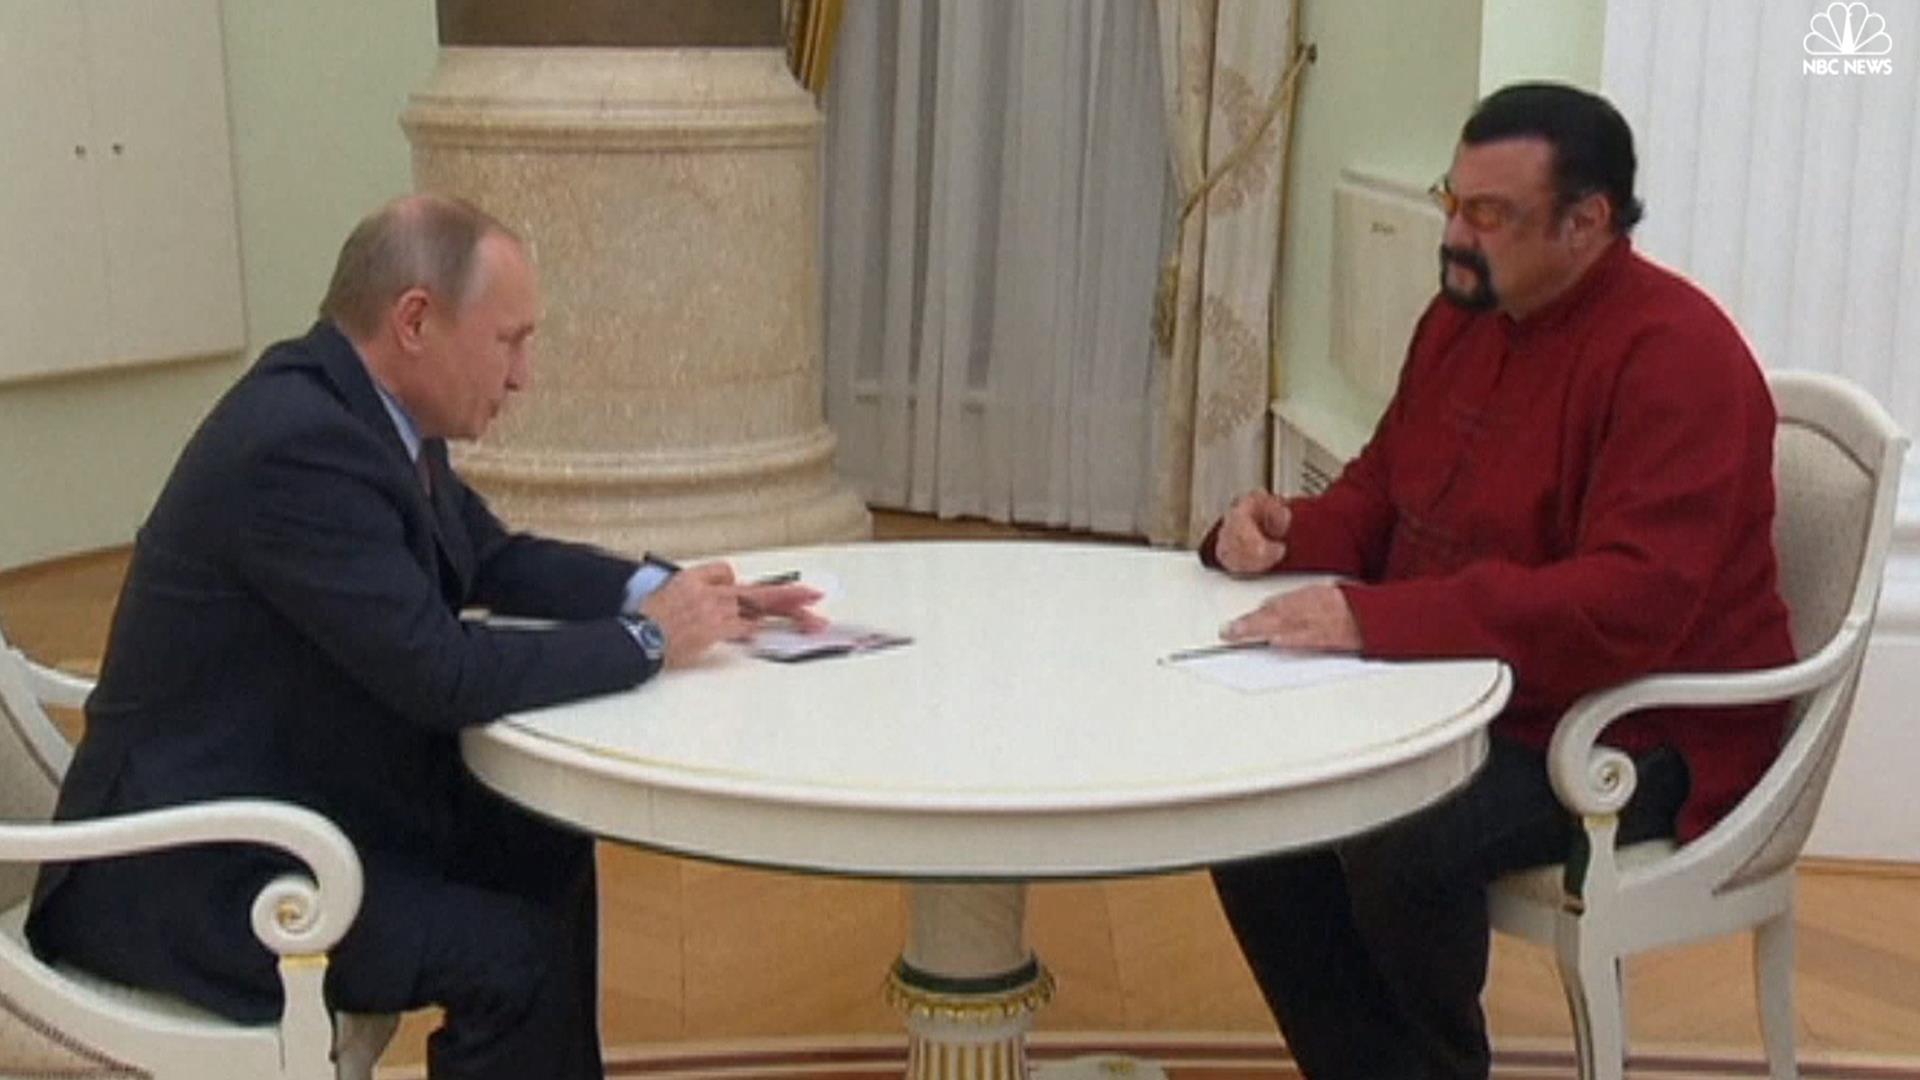 Vladimir Putin presented a Russian passport to Steven Sigalu 25.11.2016 91